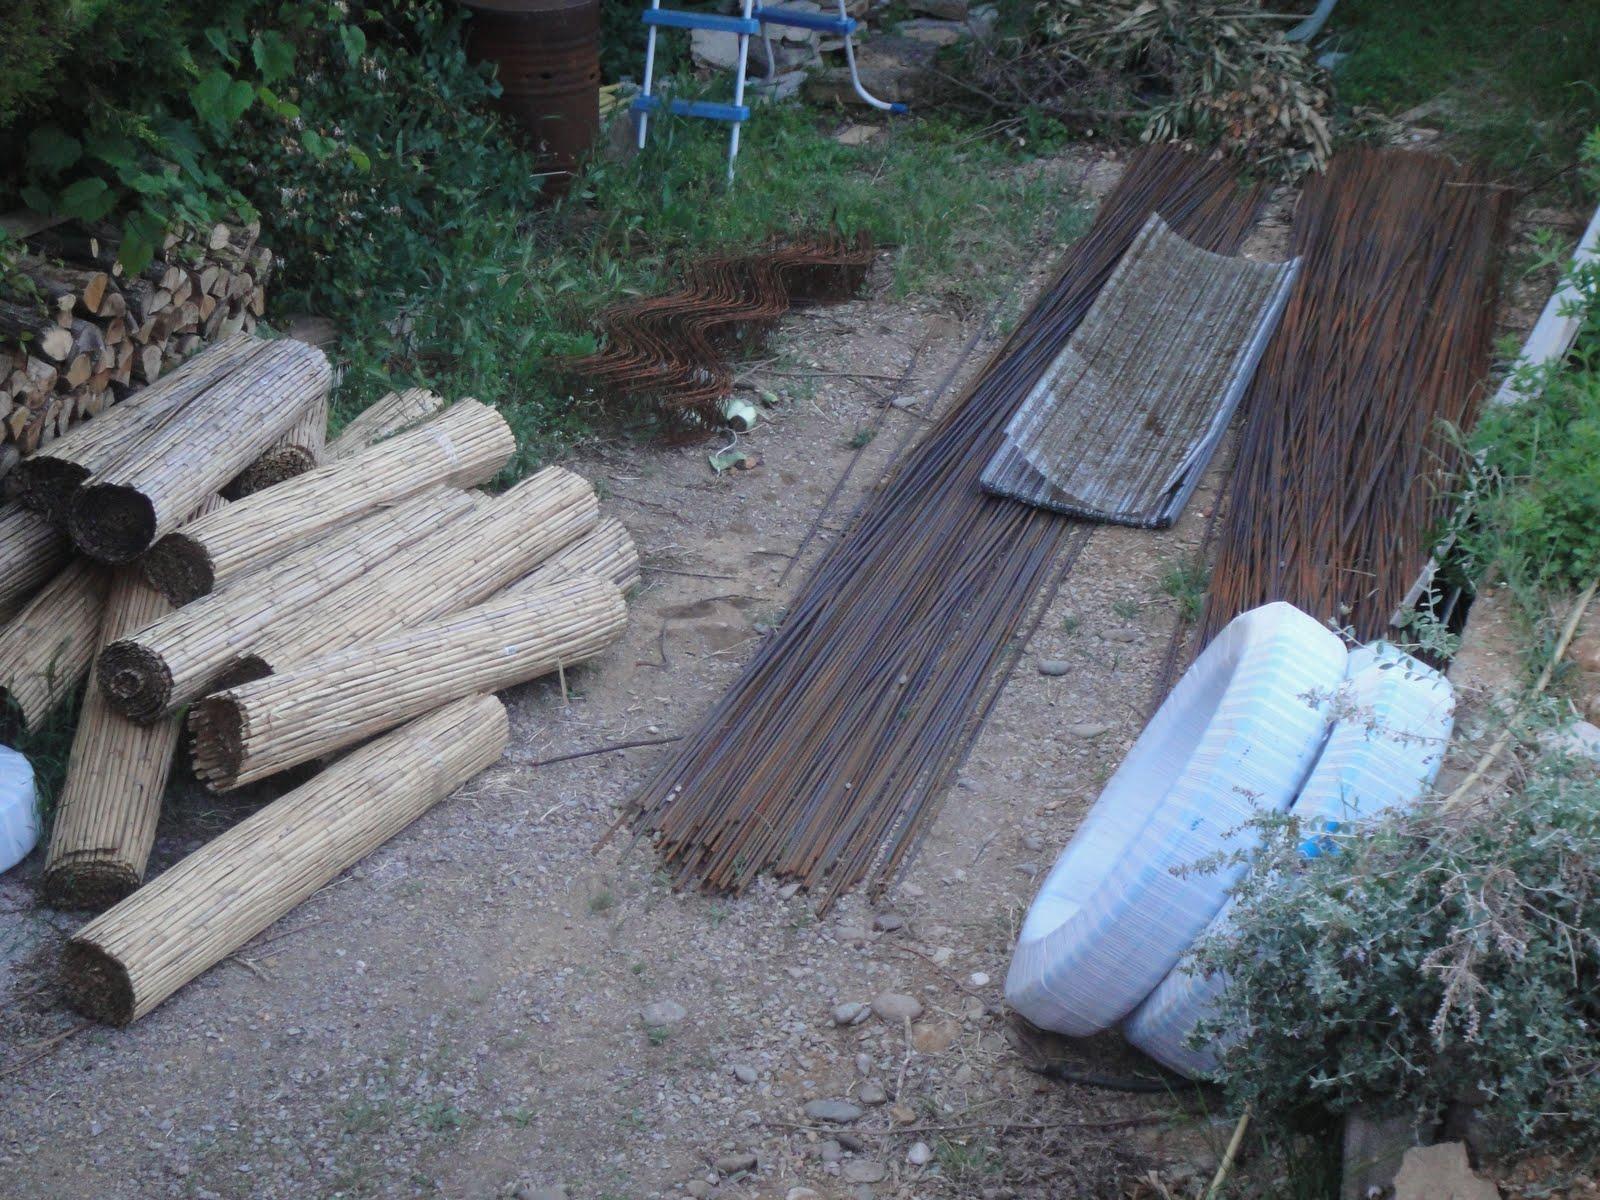 Ferraillage diffazur construction piscine diffazur for Construction piscine diffazur